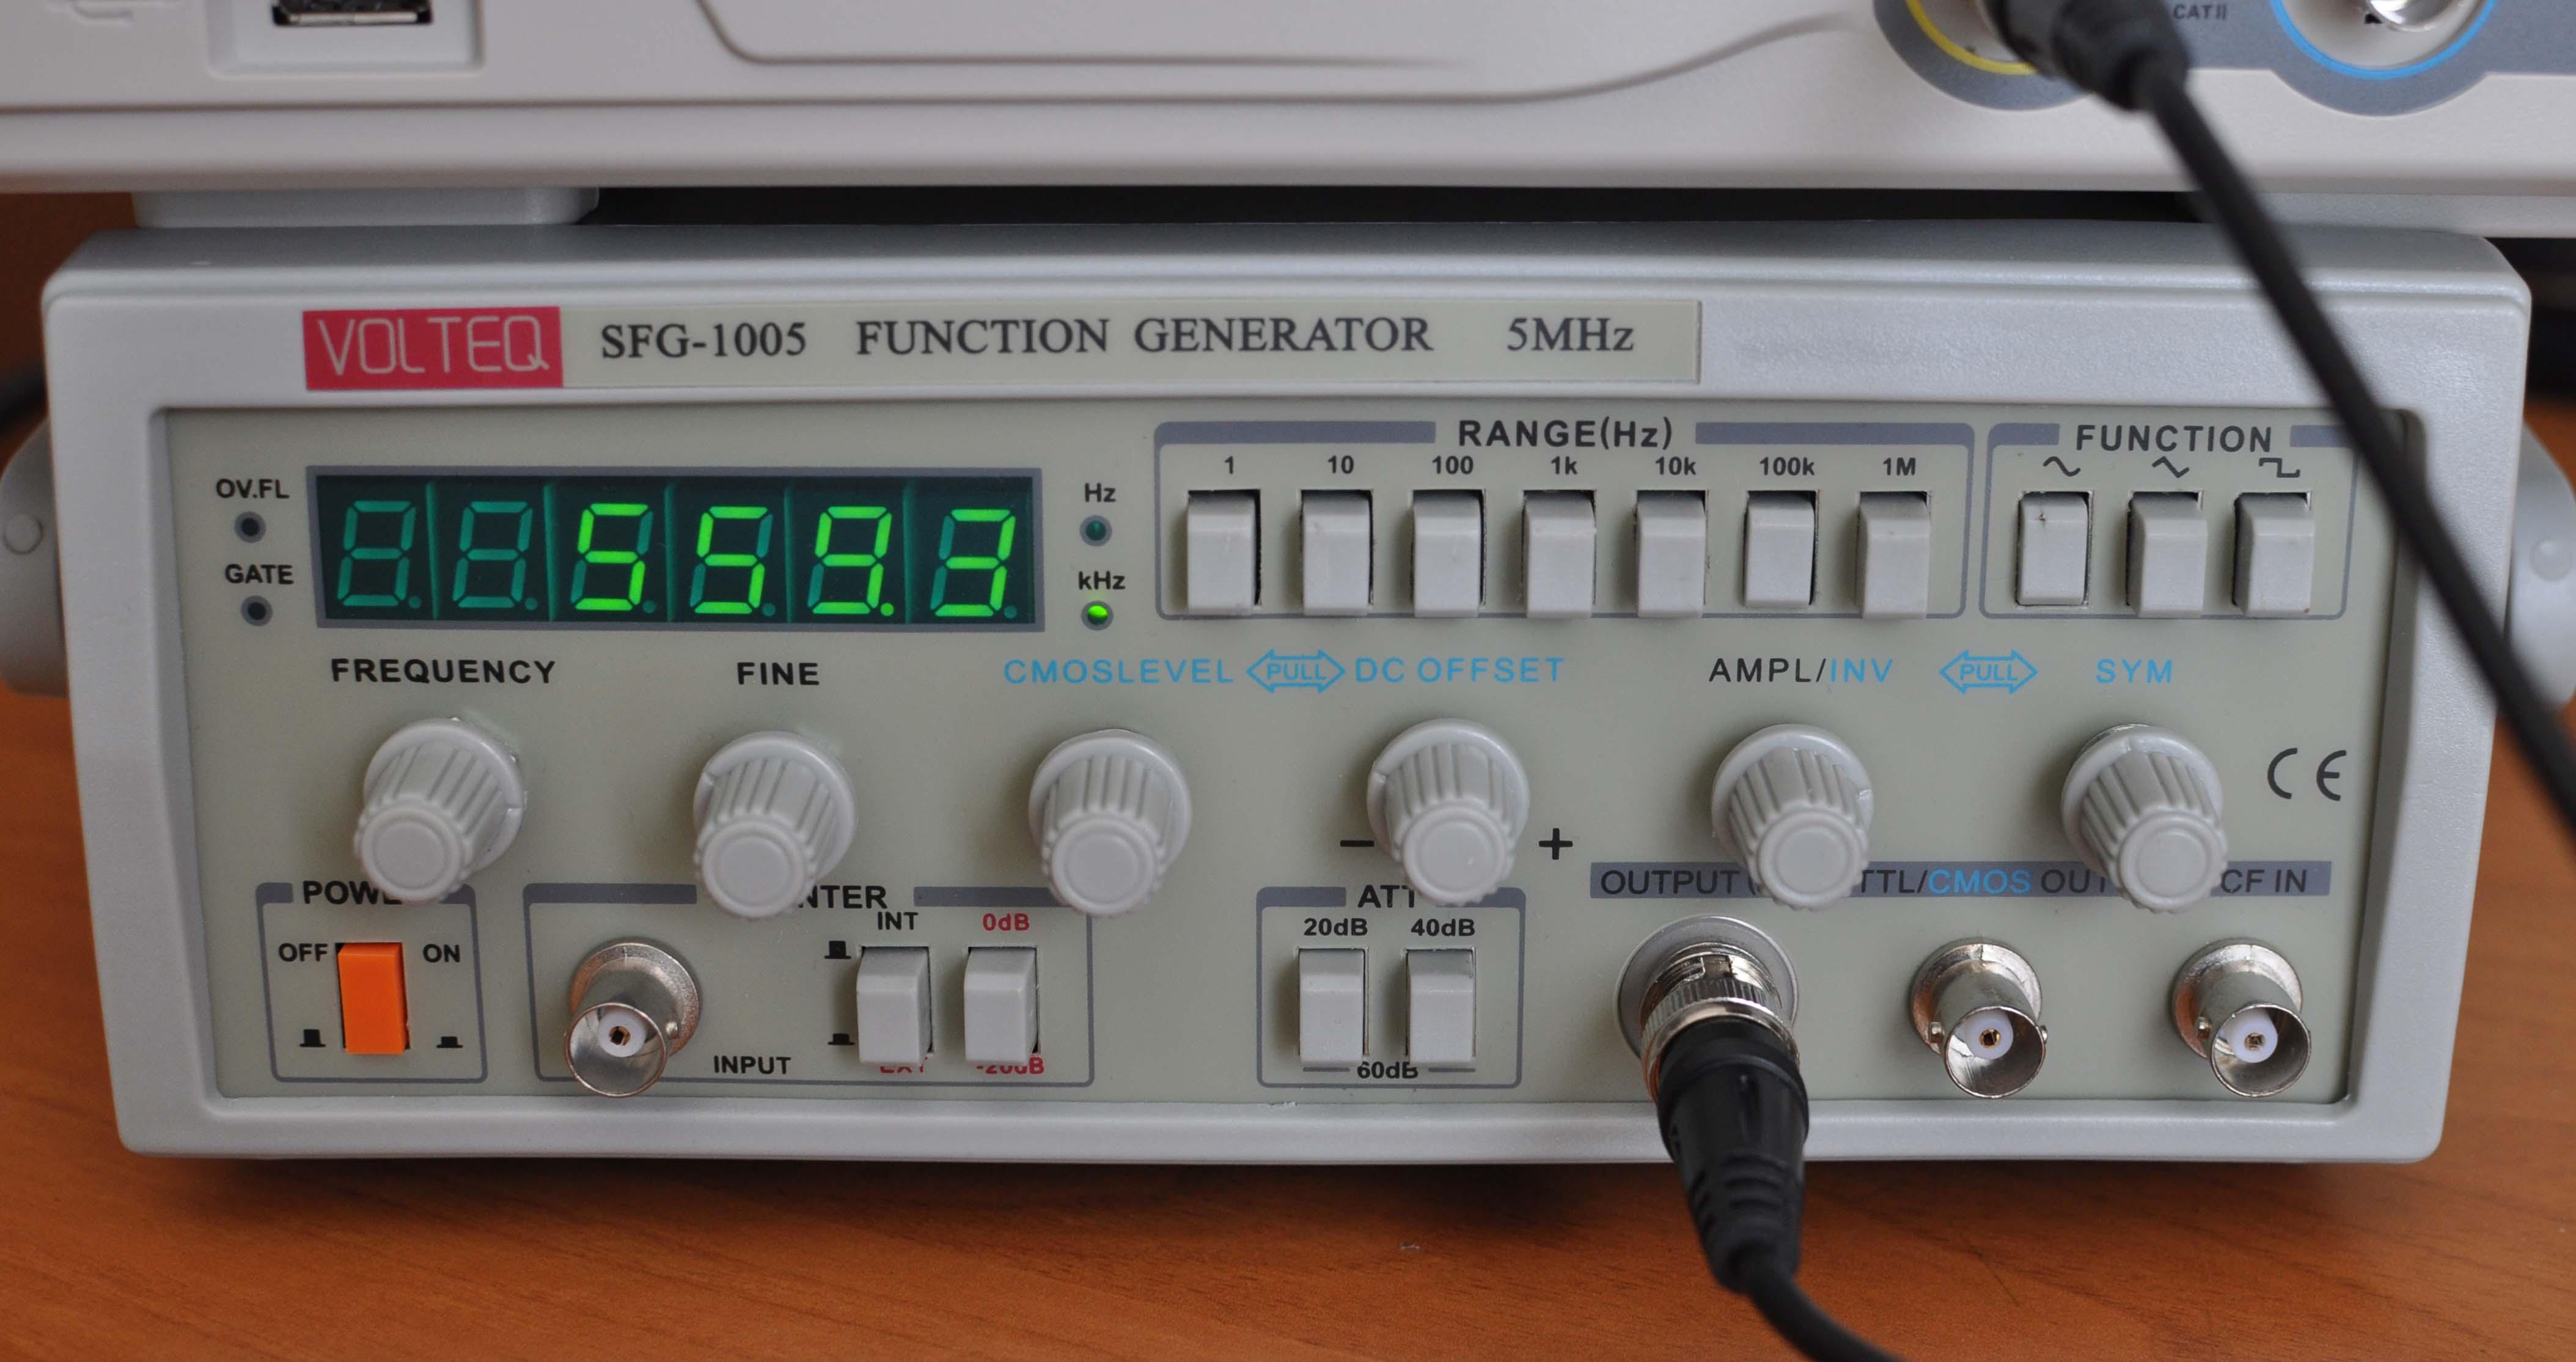 SFG-1005